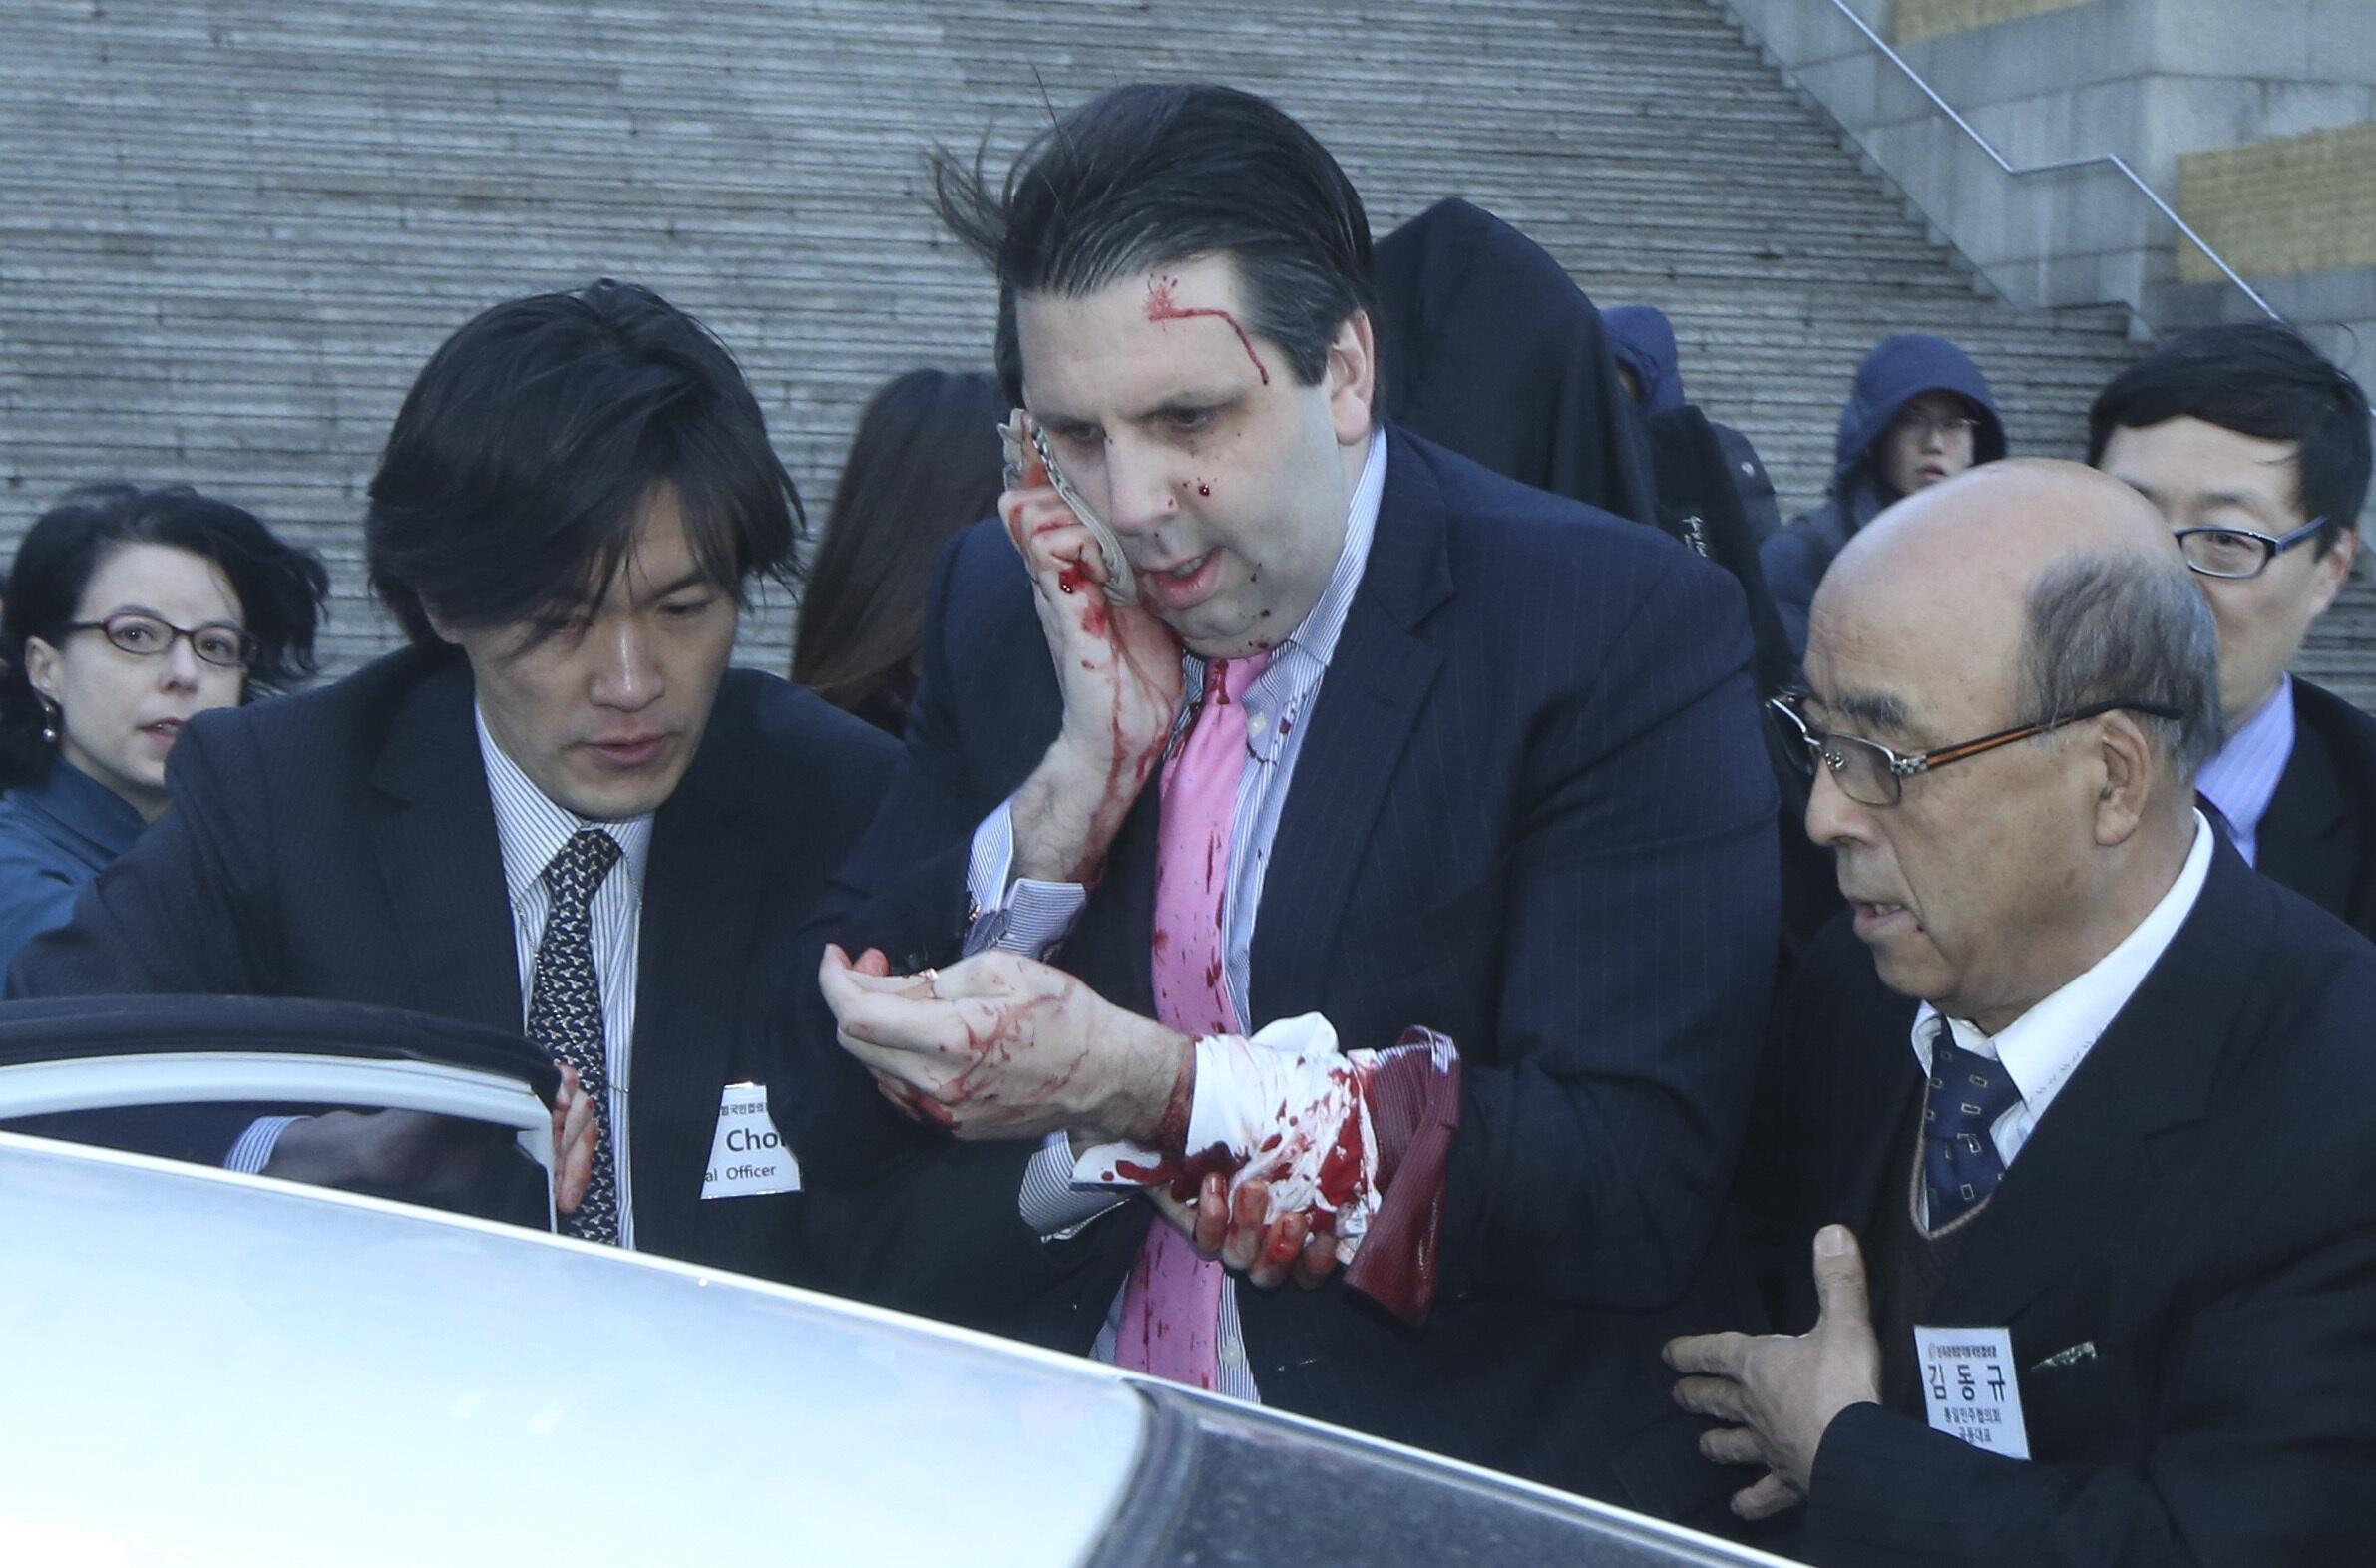 Đại sứ Mỹ tại Hàn Quốc sau khi bị hành hung.